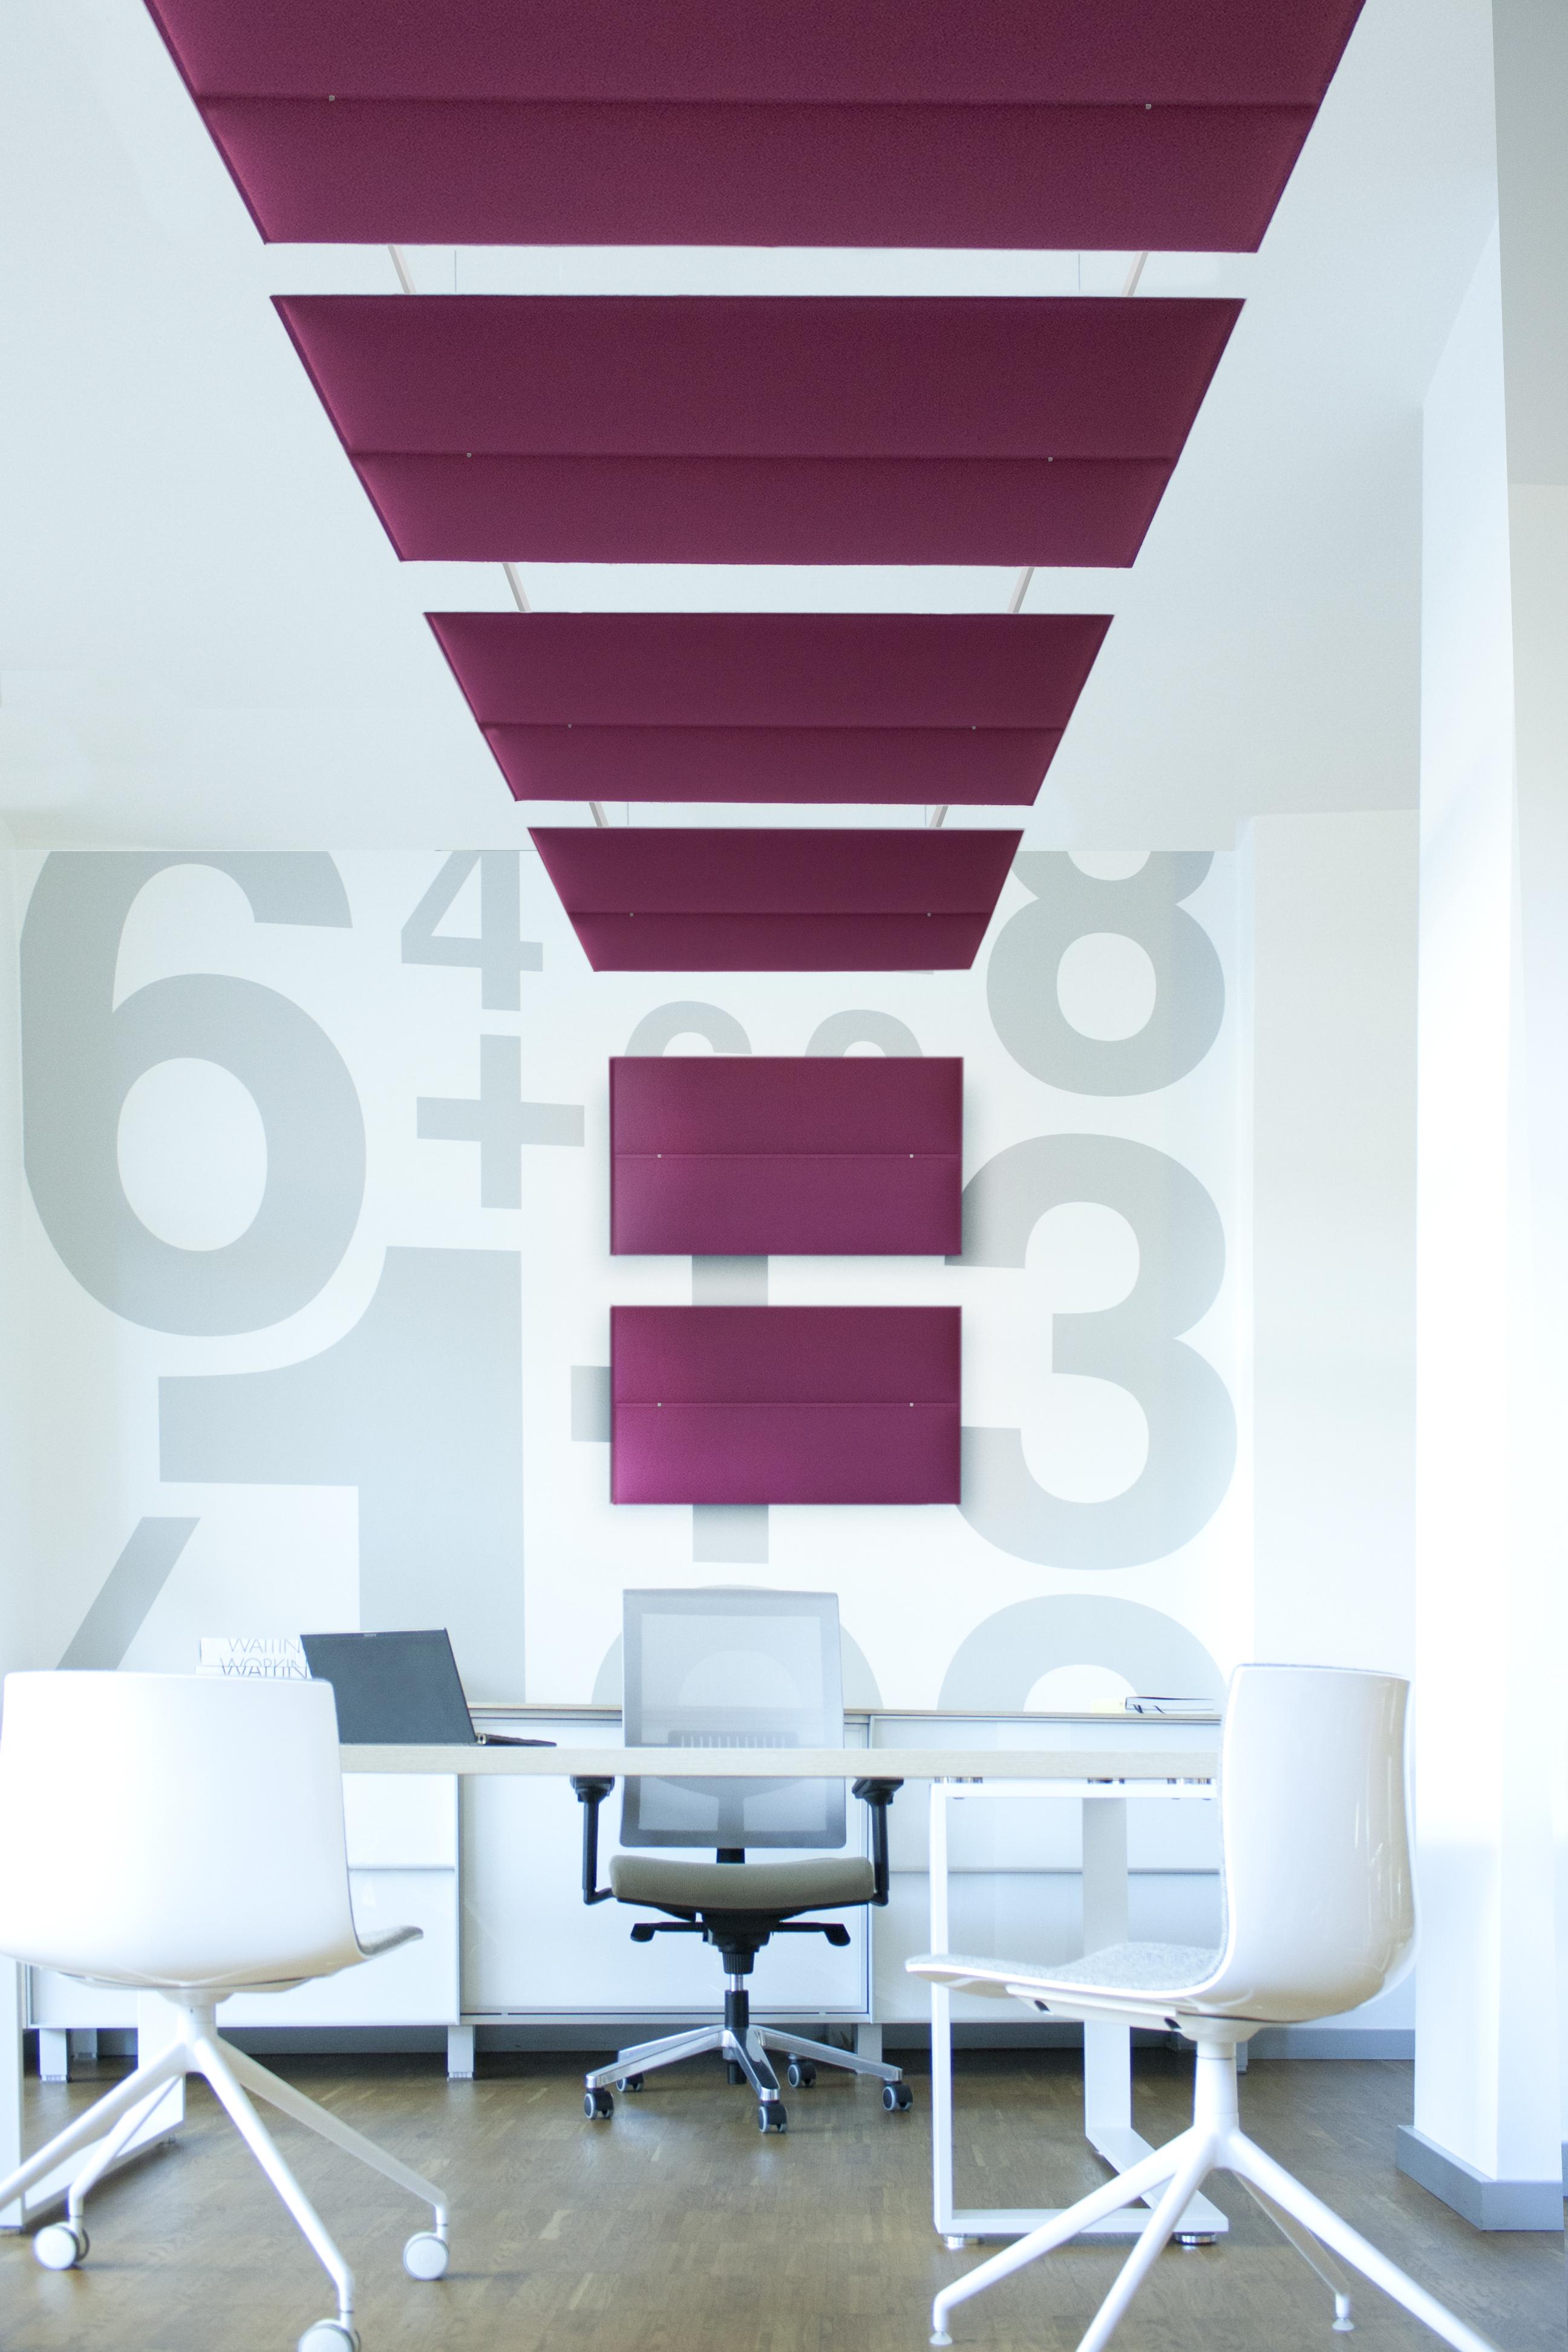 pannelli fonoassorbenti a soffitto